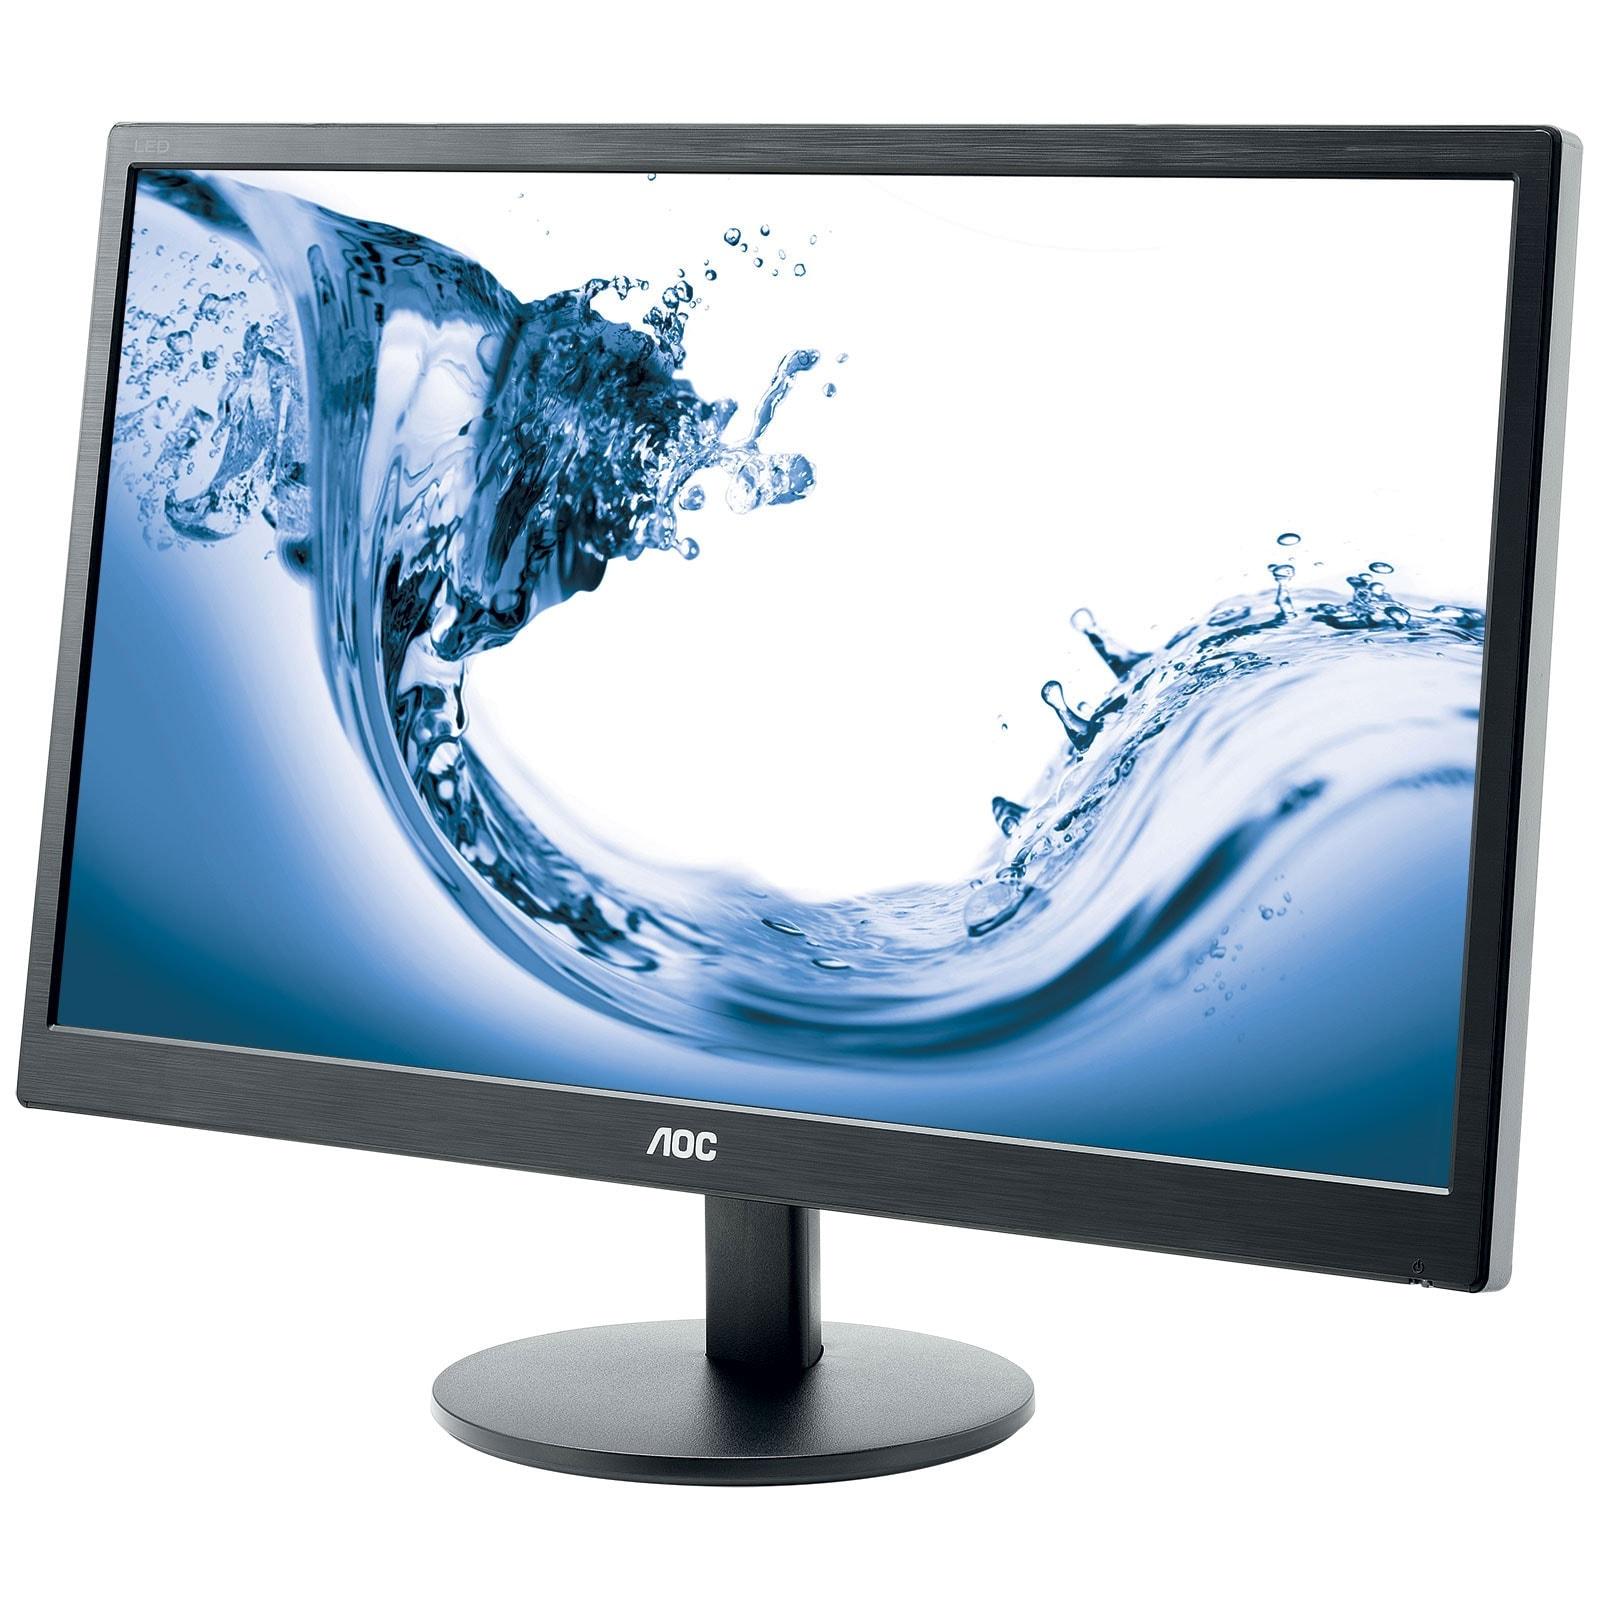 AOC Ecran PC AOC e2770Sh (E2770SH) - Achat / Vente Ecran PC sur Cybertek.fr - 1